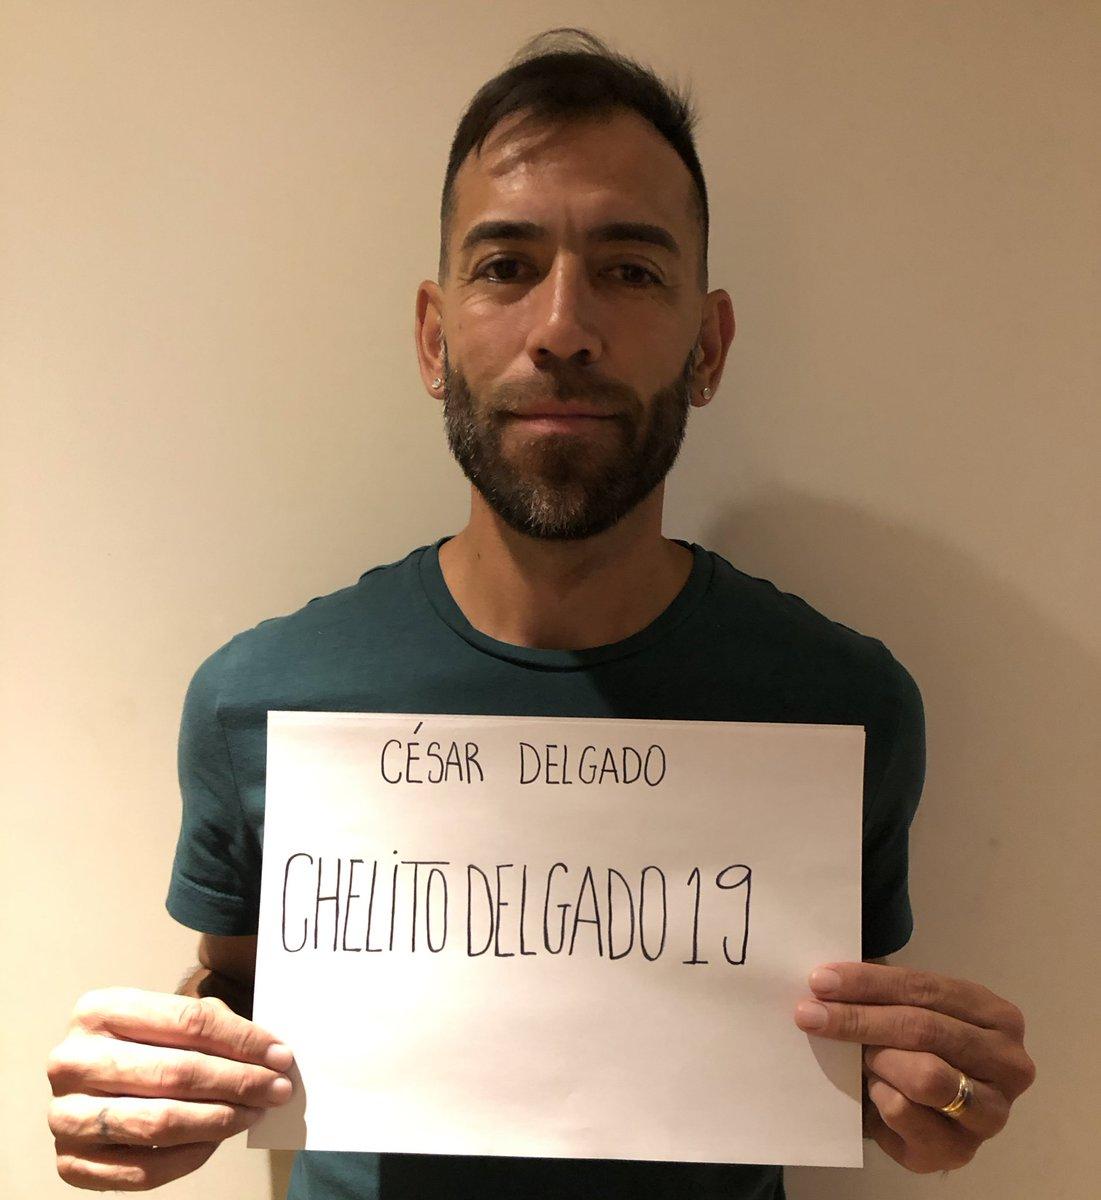 Replying to @chelito19delgad: Necesito recuperar mi cuenta de @instagram, me ayudan a difundir la foto @ a @instagram 🙏